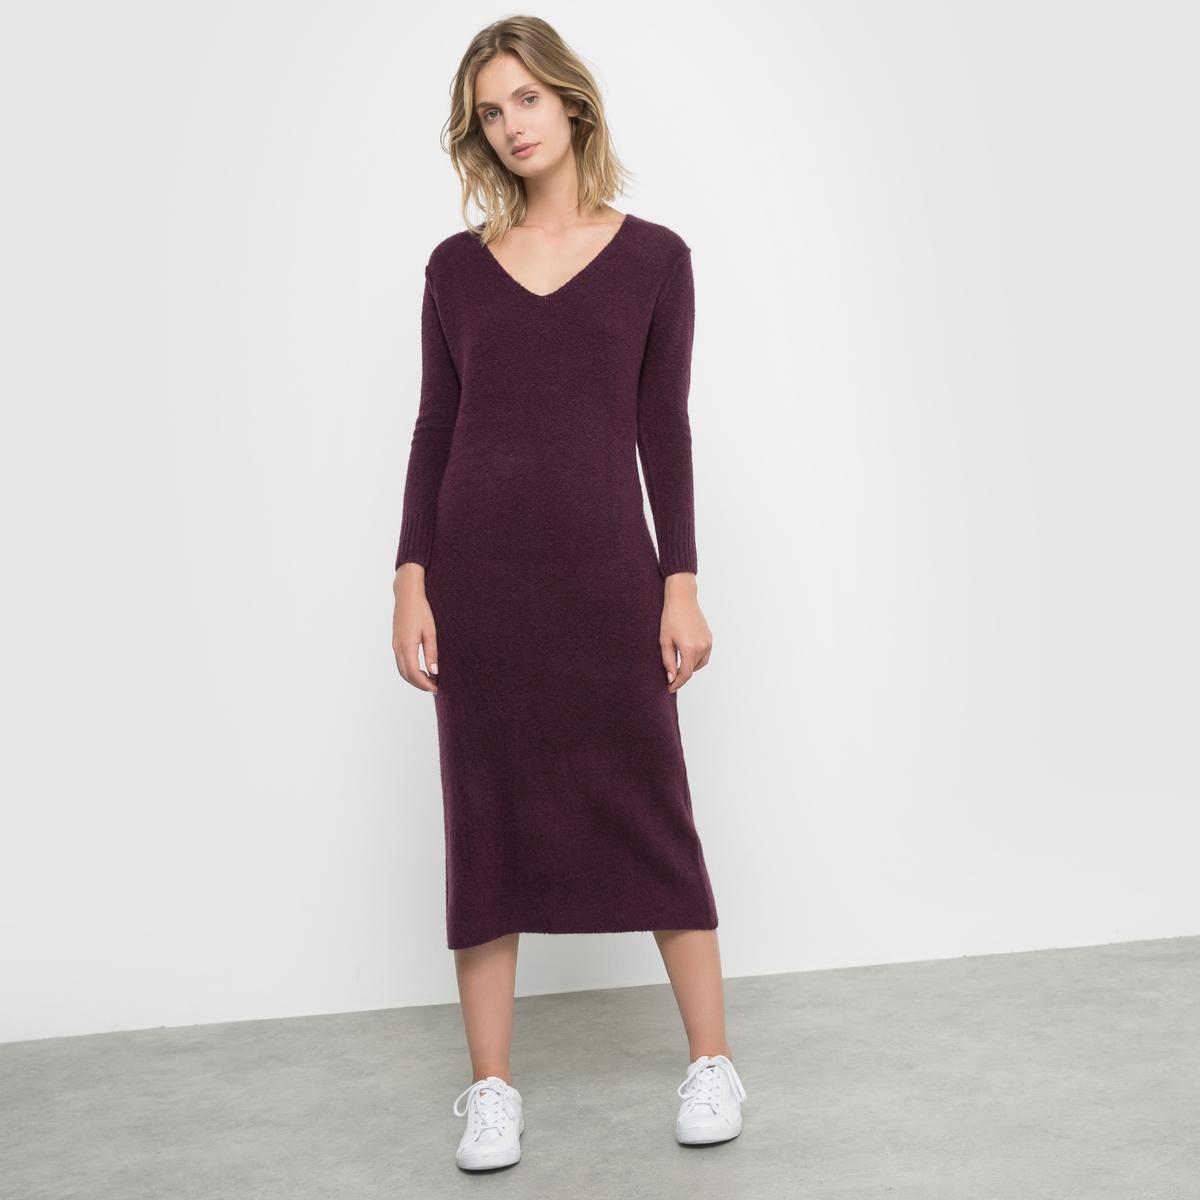 Платье длинное трикотажноеПлатье длинное из трикотажа . V-образный вырез.  Длинные рукава. Низ рукавов связан в рубчик. Состав и описание : Материал: 62% акрила, 28% полиамида, 8% шерсти, 2% эластана.Длина: 115 смМарка: R studioУход :Машинная стирка при 30°C на деликатном режиме.Машинная сушка запрещена Не отбеливатьСухая (химическая) чистка запрещена<br><br>Цвет: серый меланж,темно-фиолетовый<br>Размер: 38/40 (FR) - 44/46 (RUS)